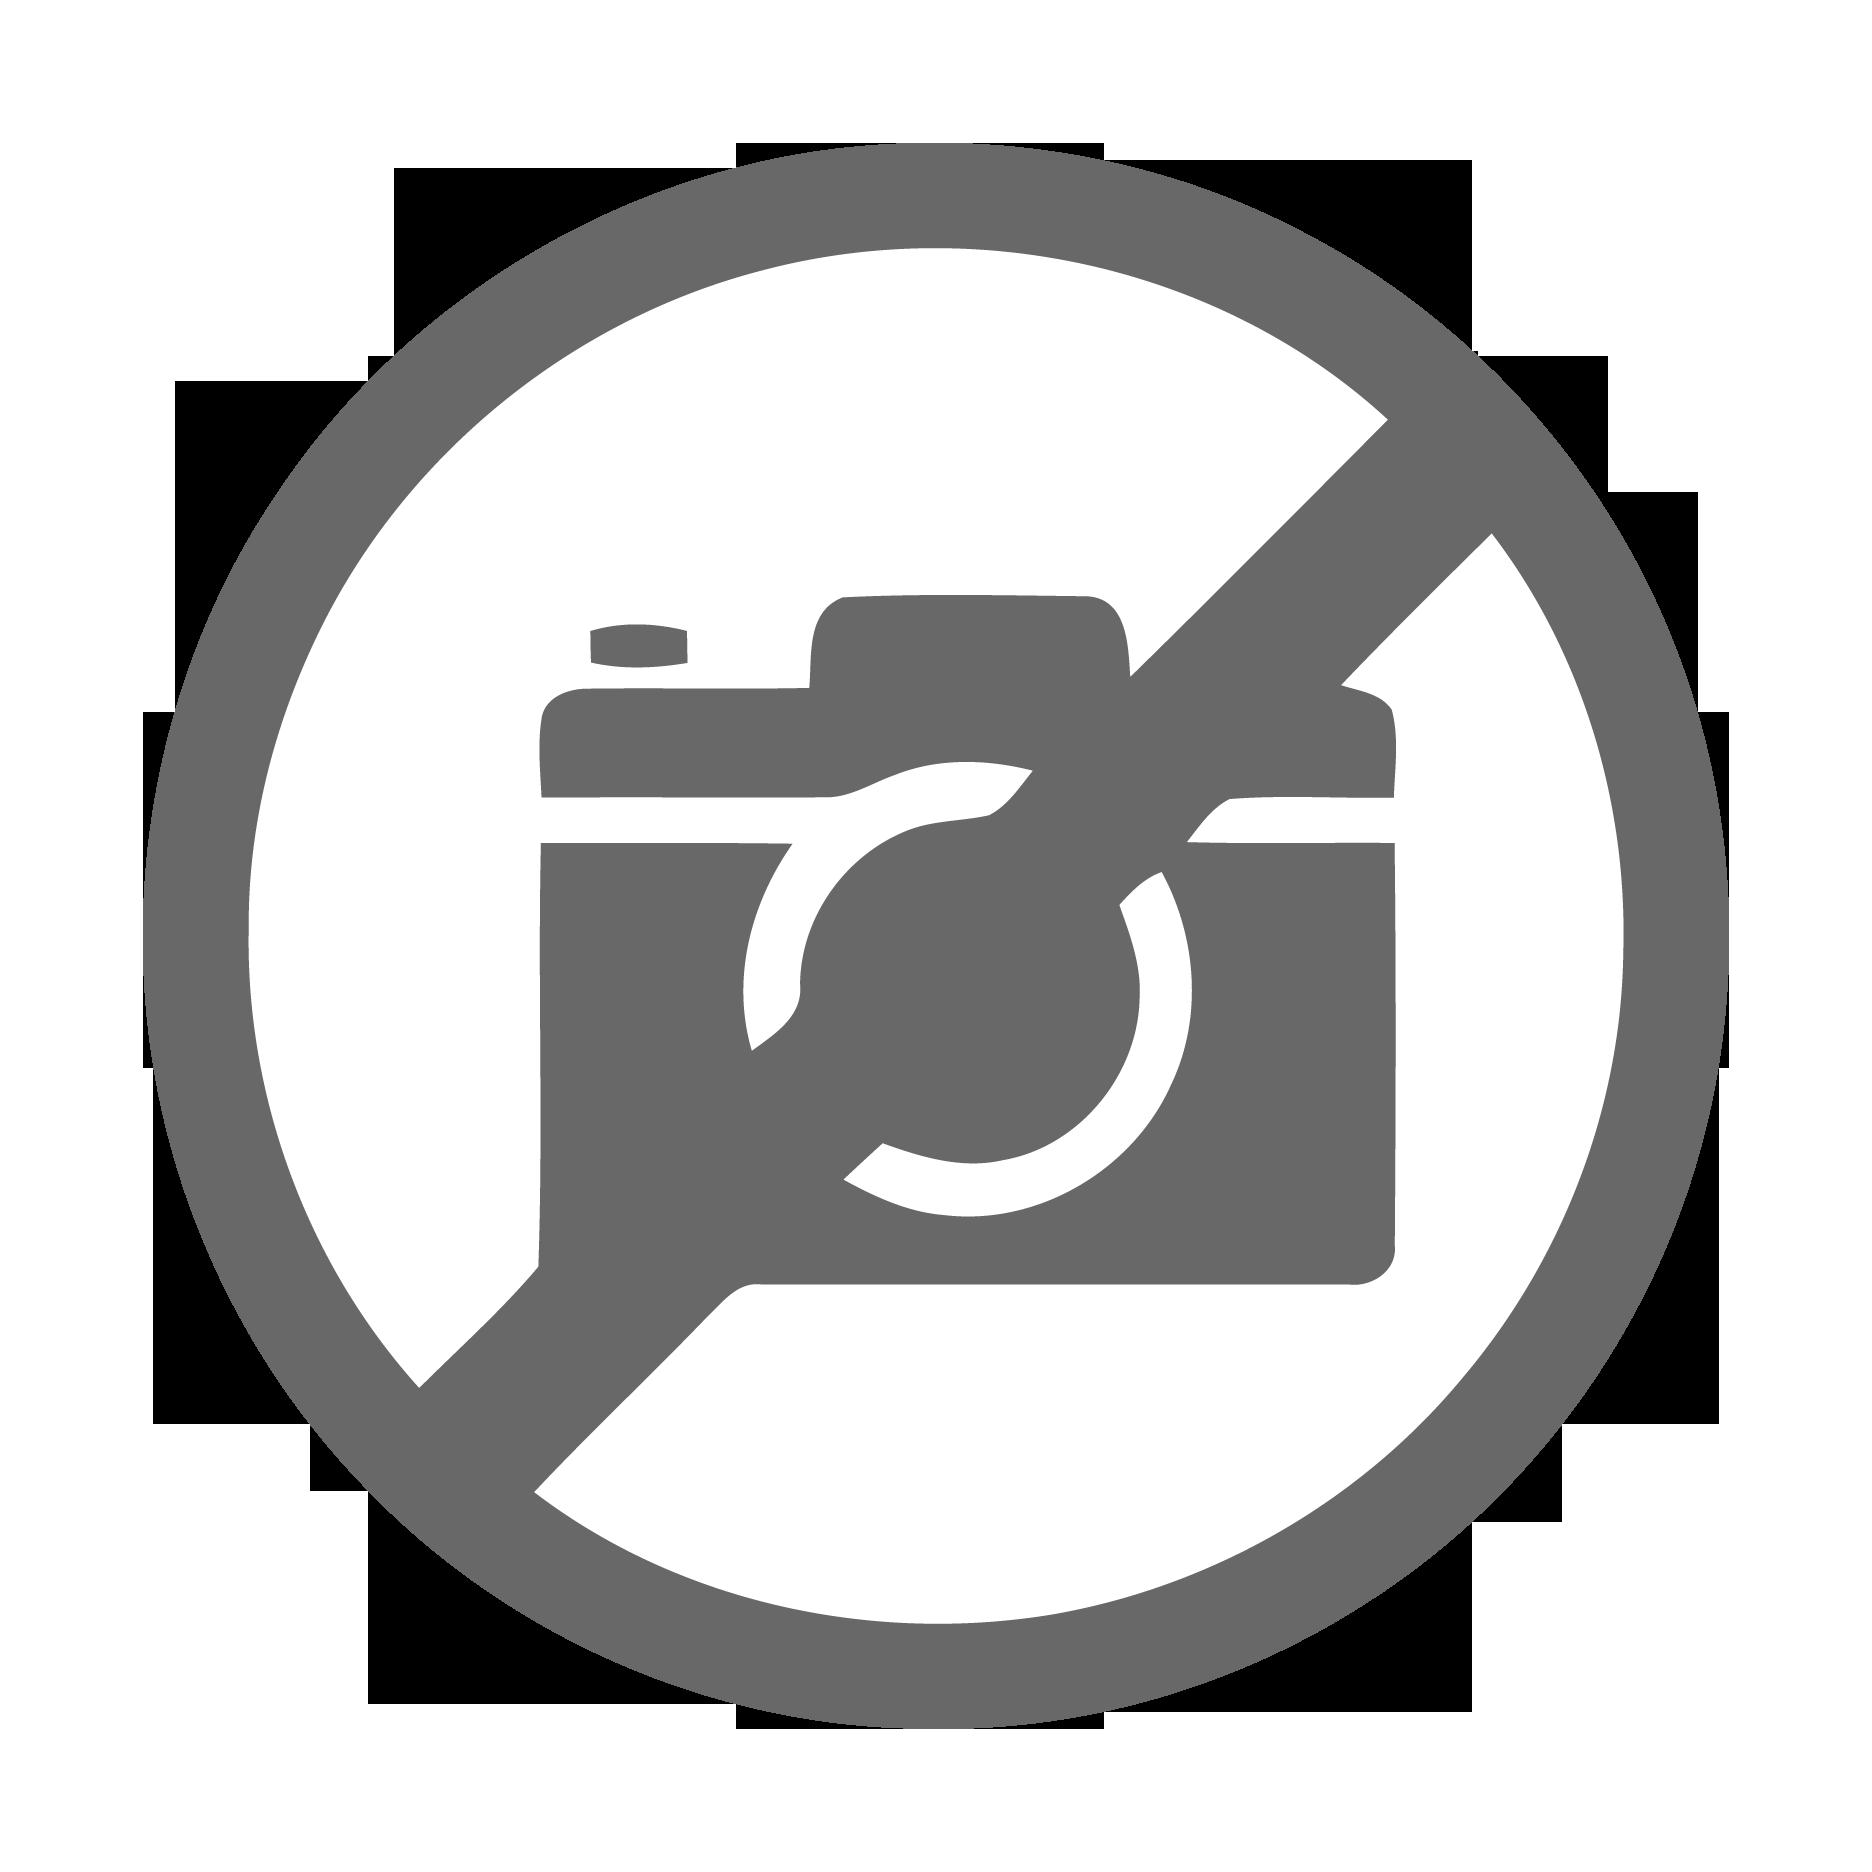 Pette Kyosheta